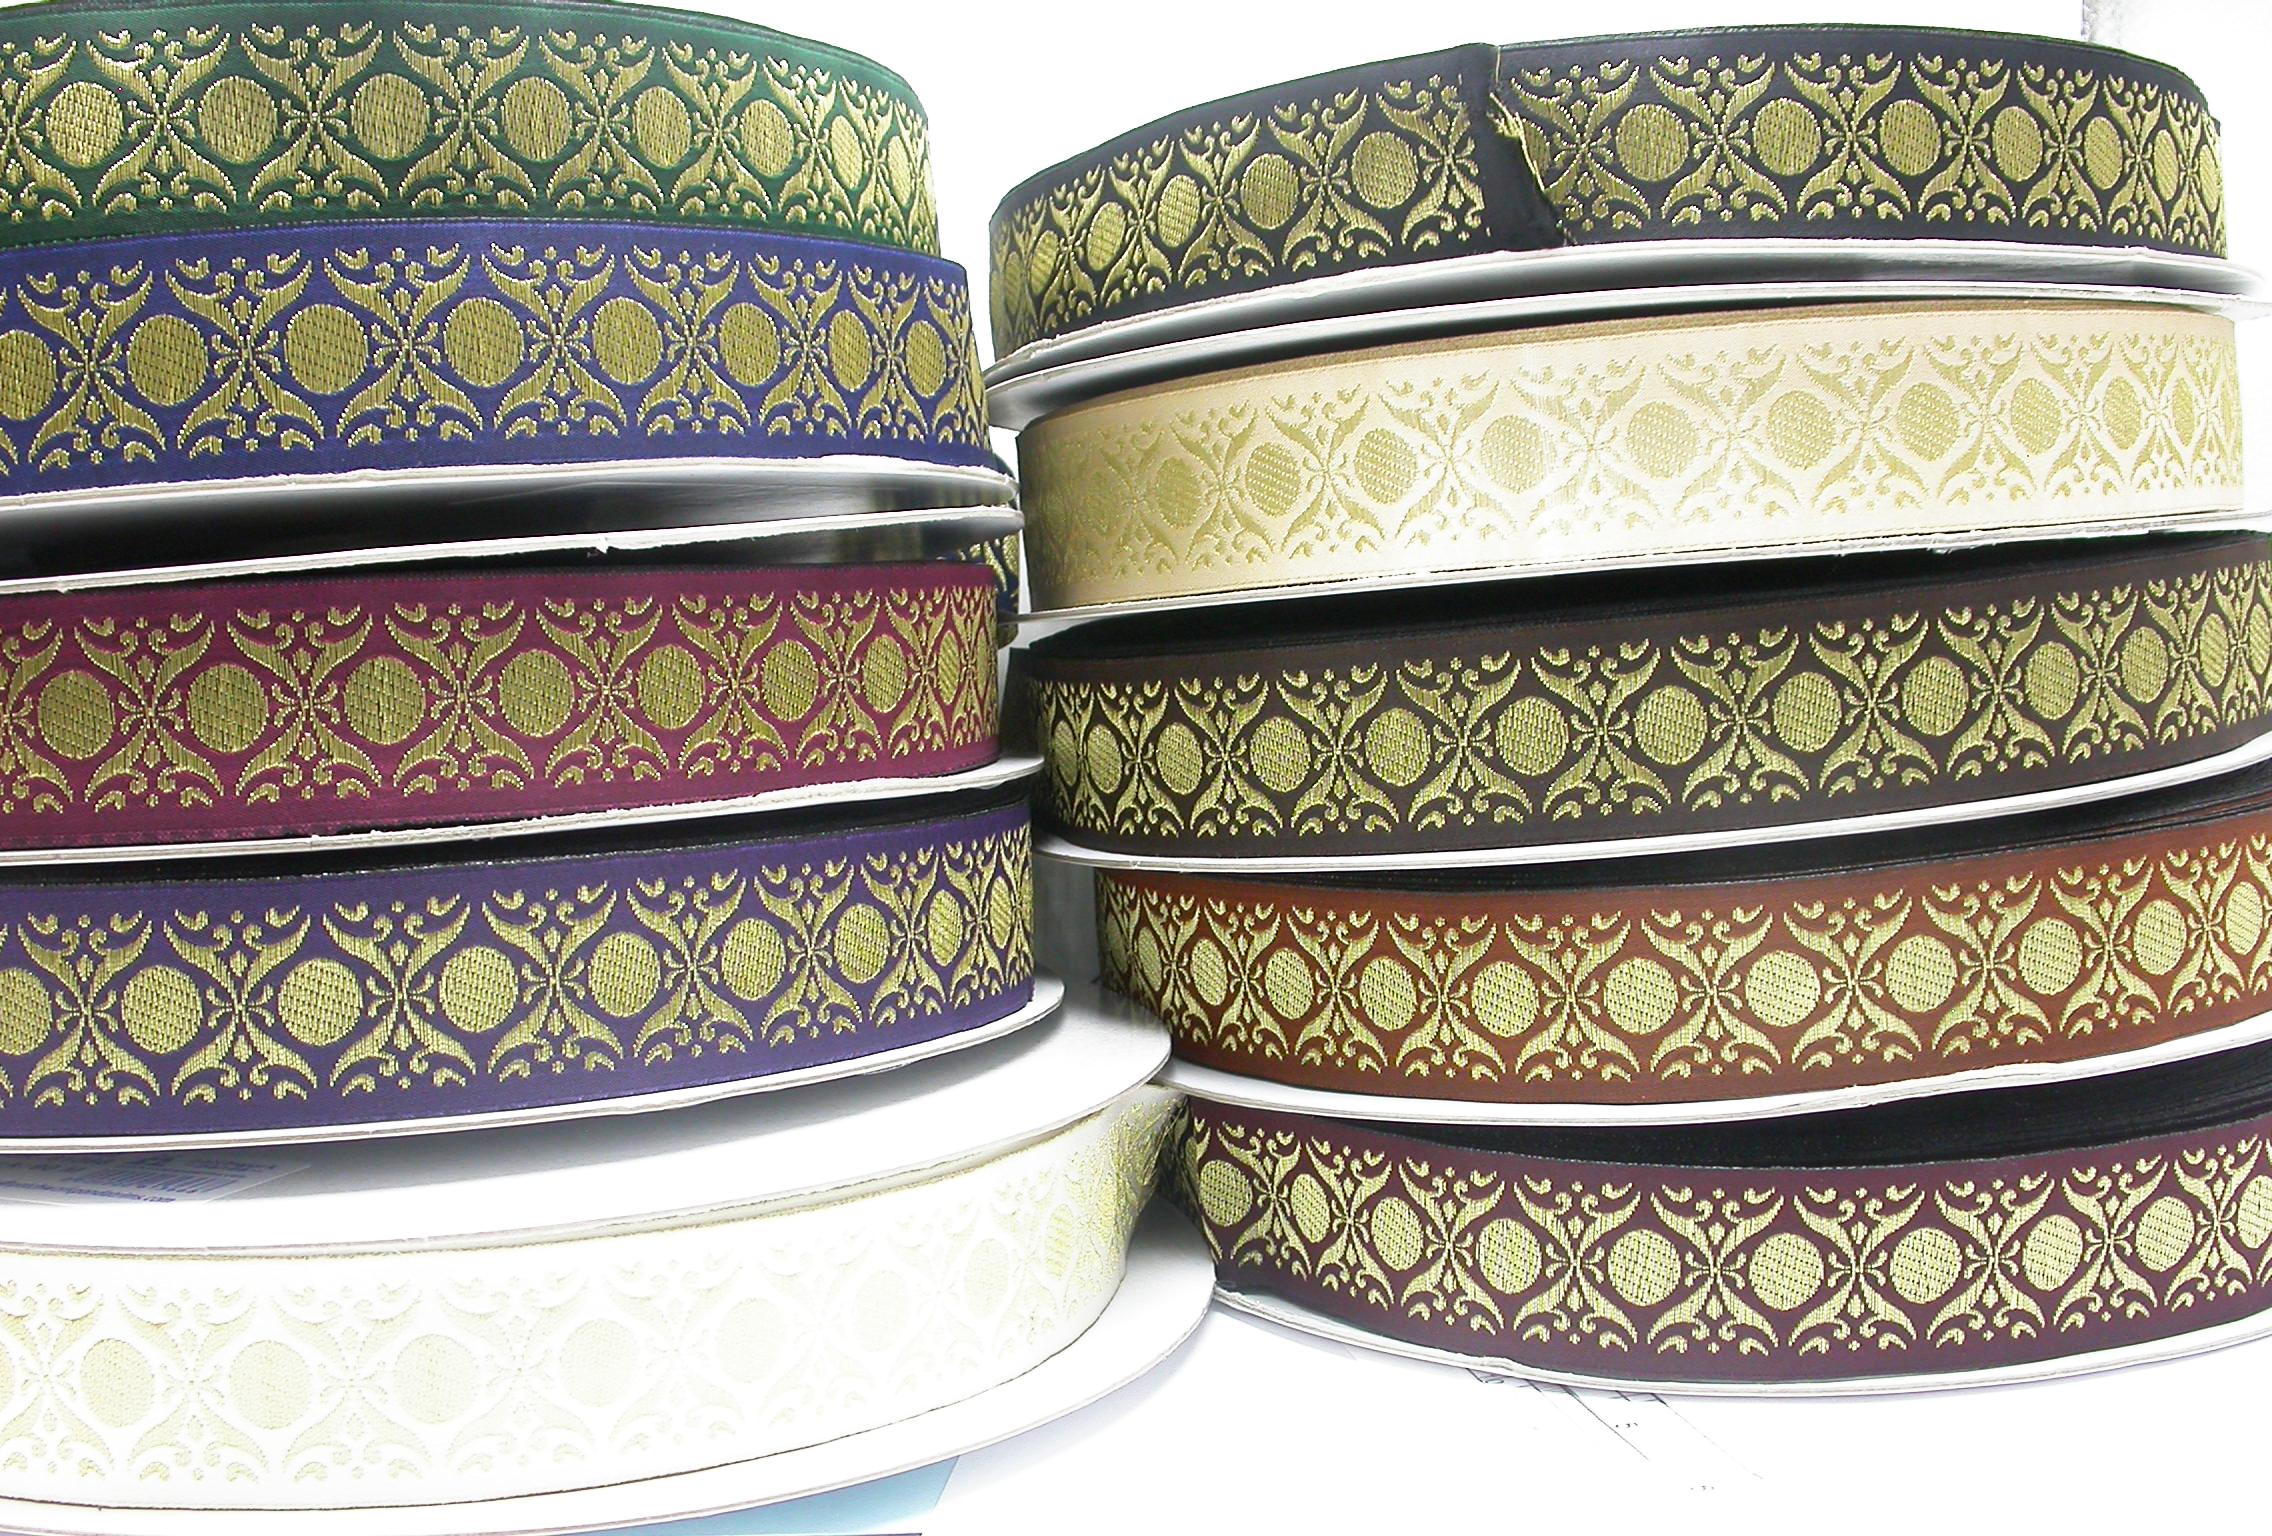 """Jacquard Ribbon Tzia 1 5/16"""" (34mm) Metallic Gold Priced Per Yard  100% Polyester & Metallic    10 Colorways"""